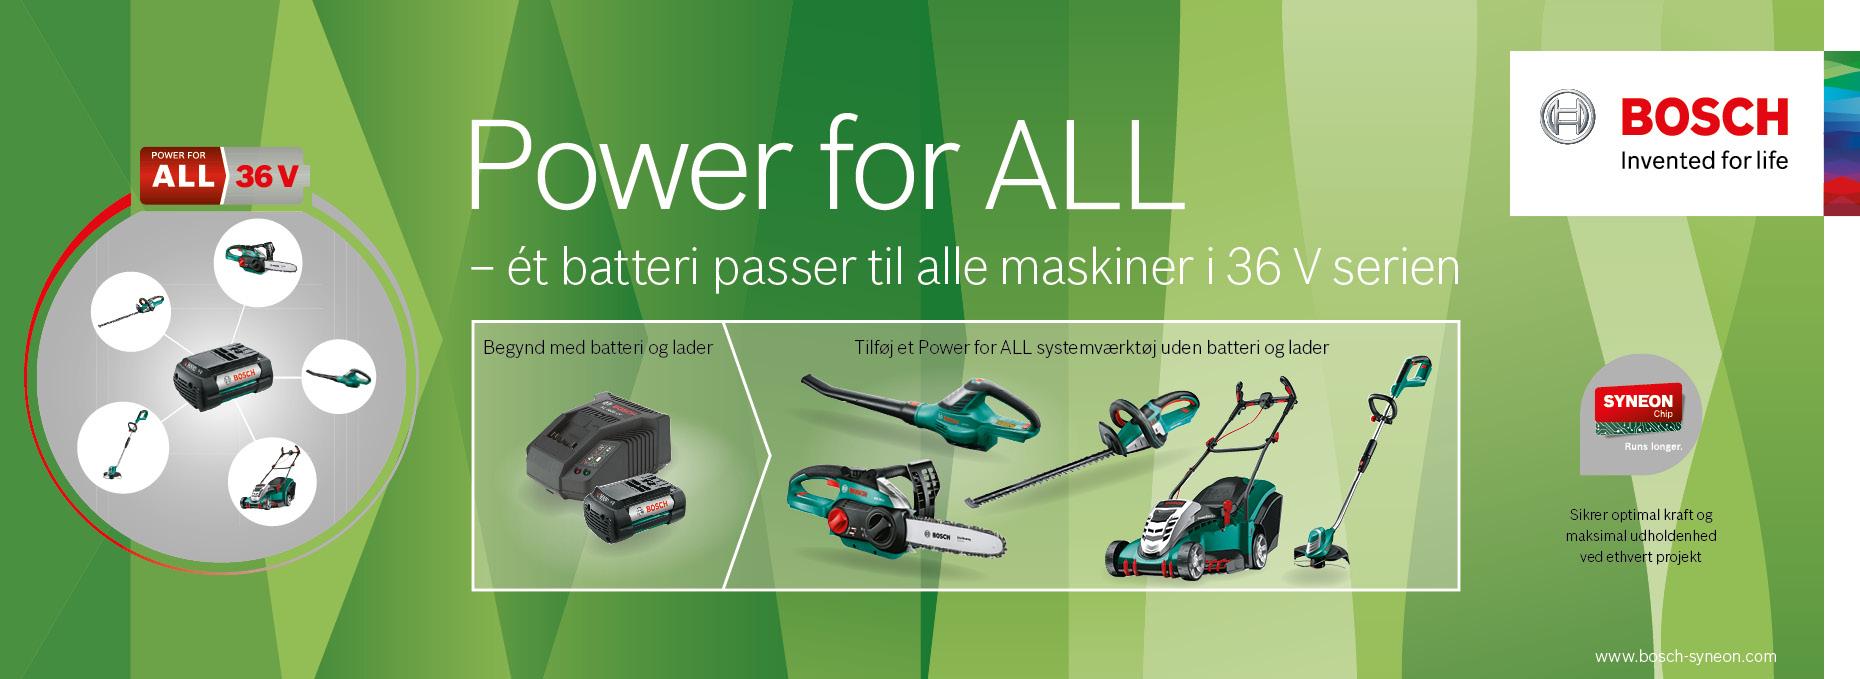 Power4all_36V_630x230cm_skilt.jpg